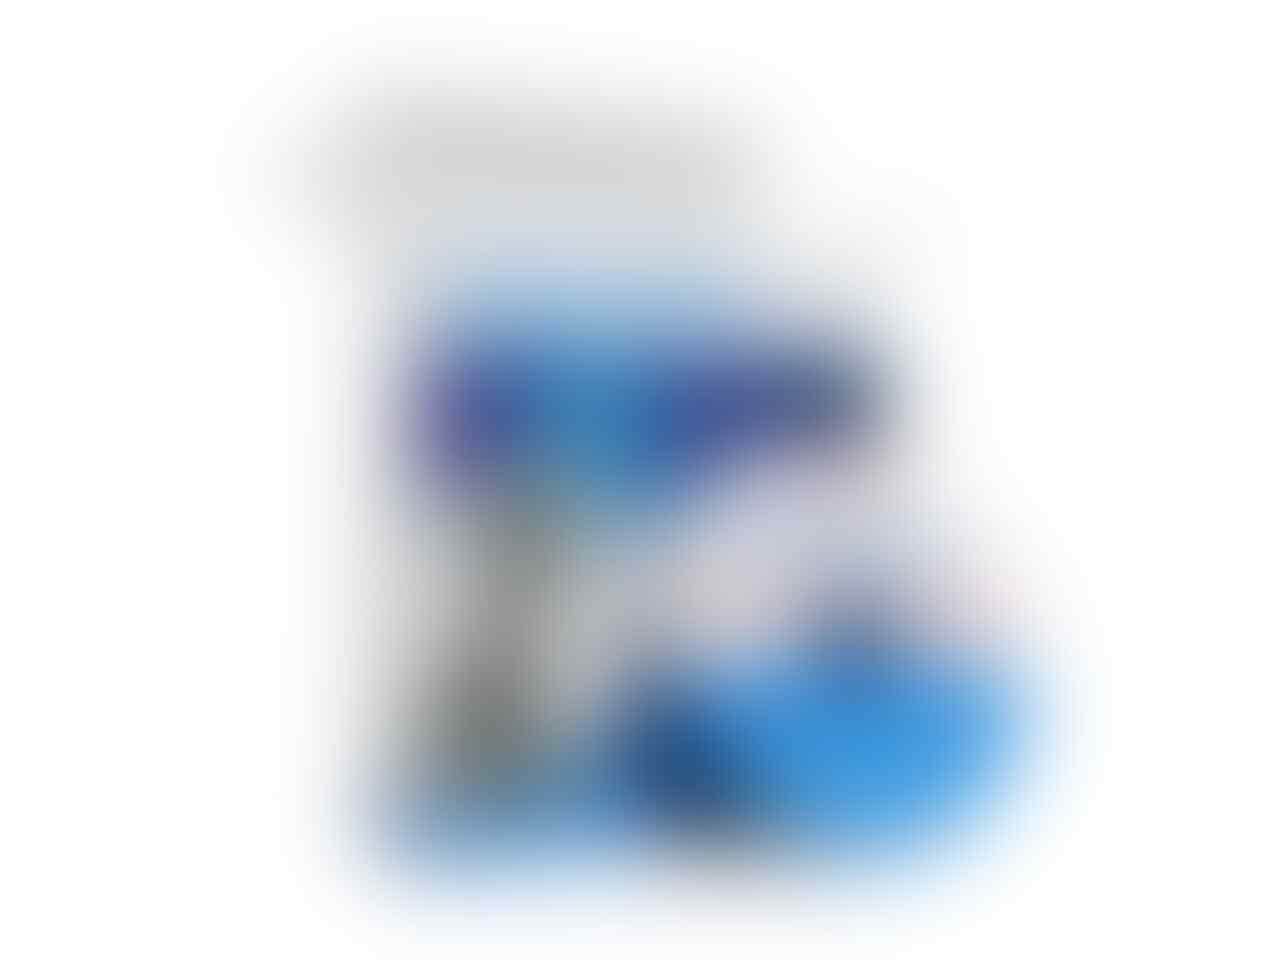 PENGHASILAN 200 SAMPAI 500 RIBU PERBULAN MODAL 2.8 JUTA